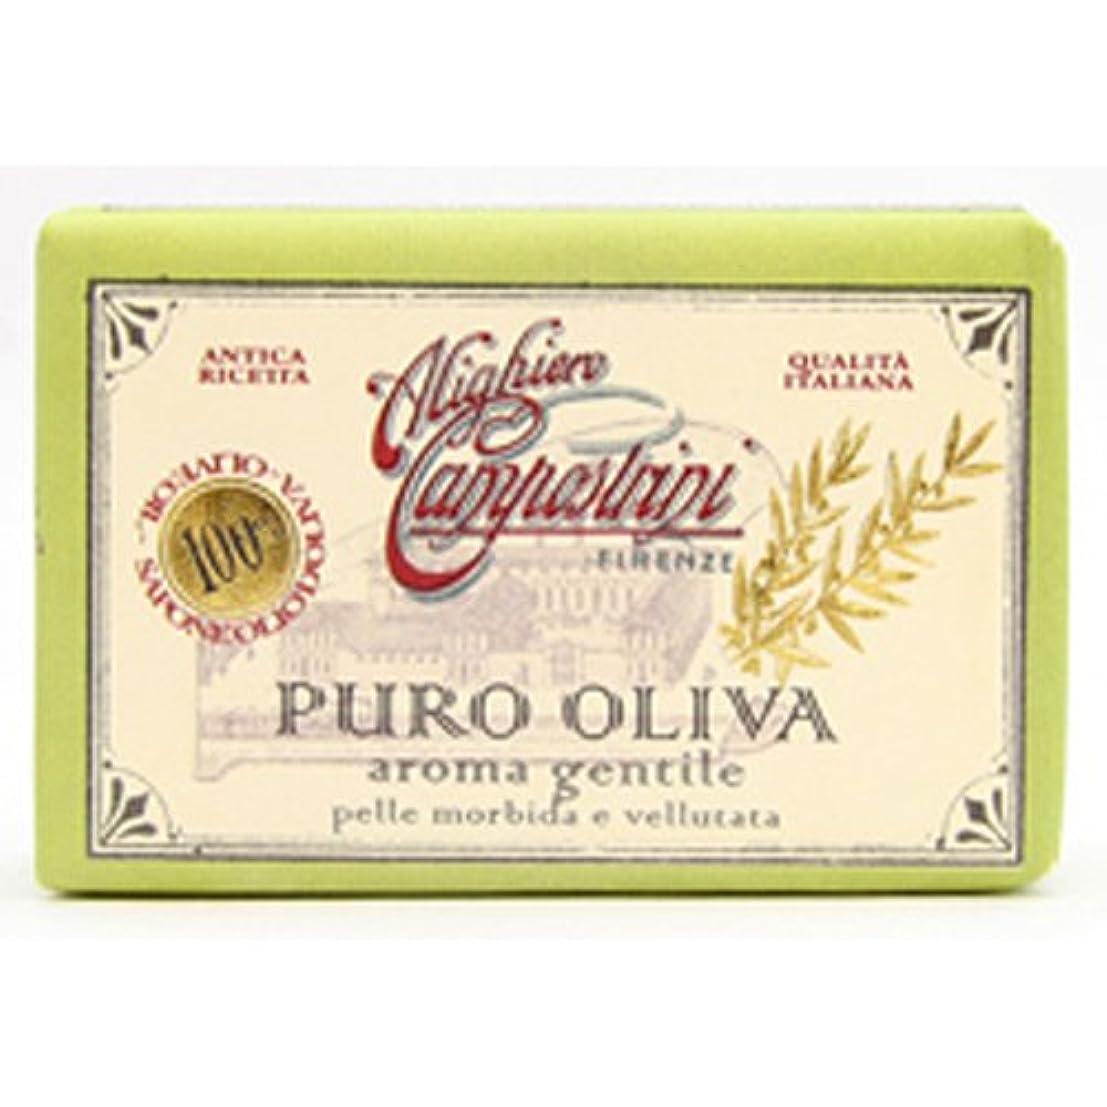 解放する無実ラボSaponerire Fissi サポネリーフィッシー PURO OLIVA Soap オリーブオイル ピュロ ソープ Aroma gentile ジェントル(グリーン)